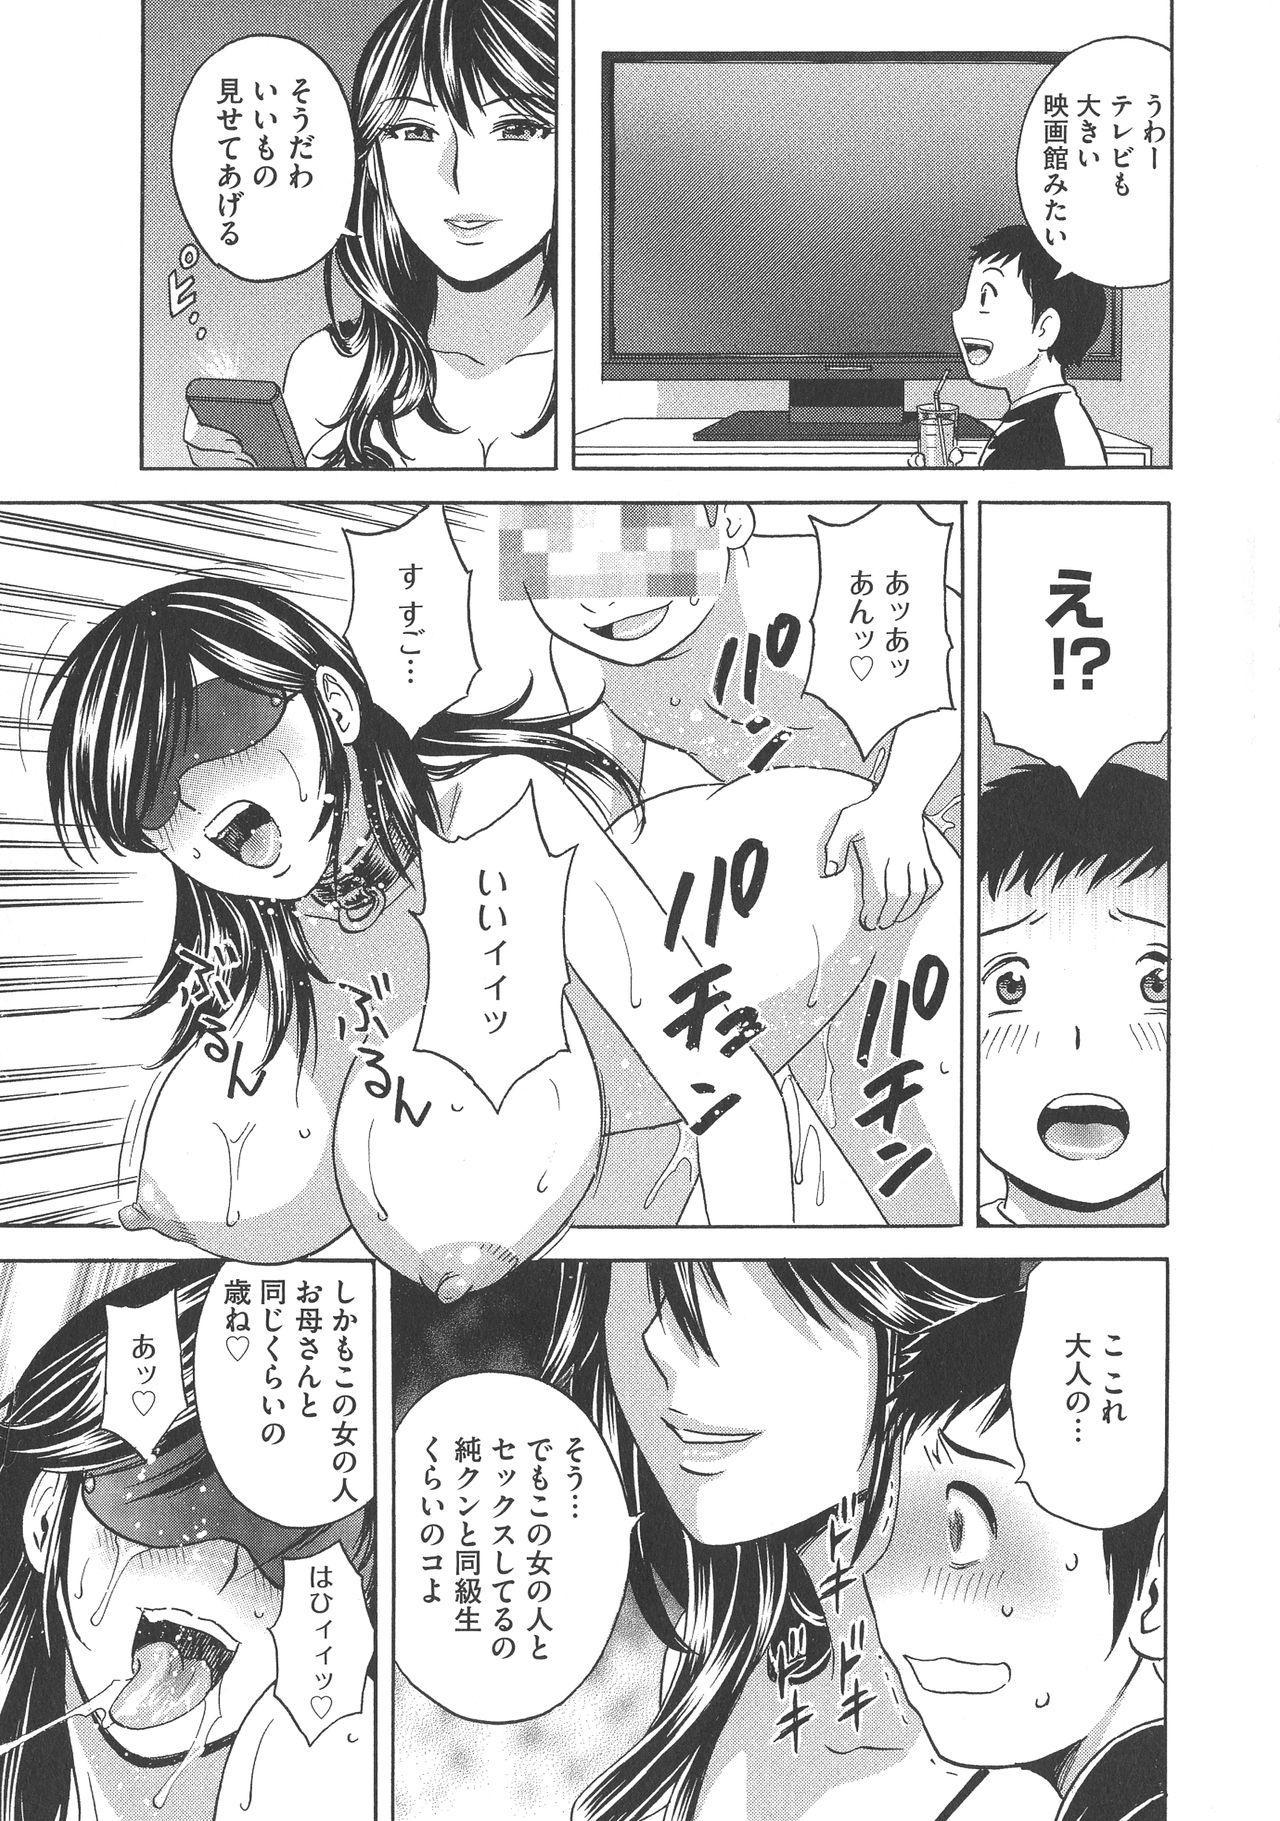 Chijoku ni Modaeru Haha no Chichi… 70